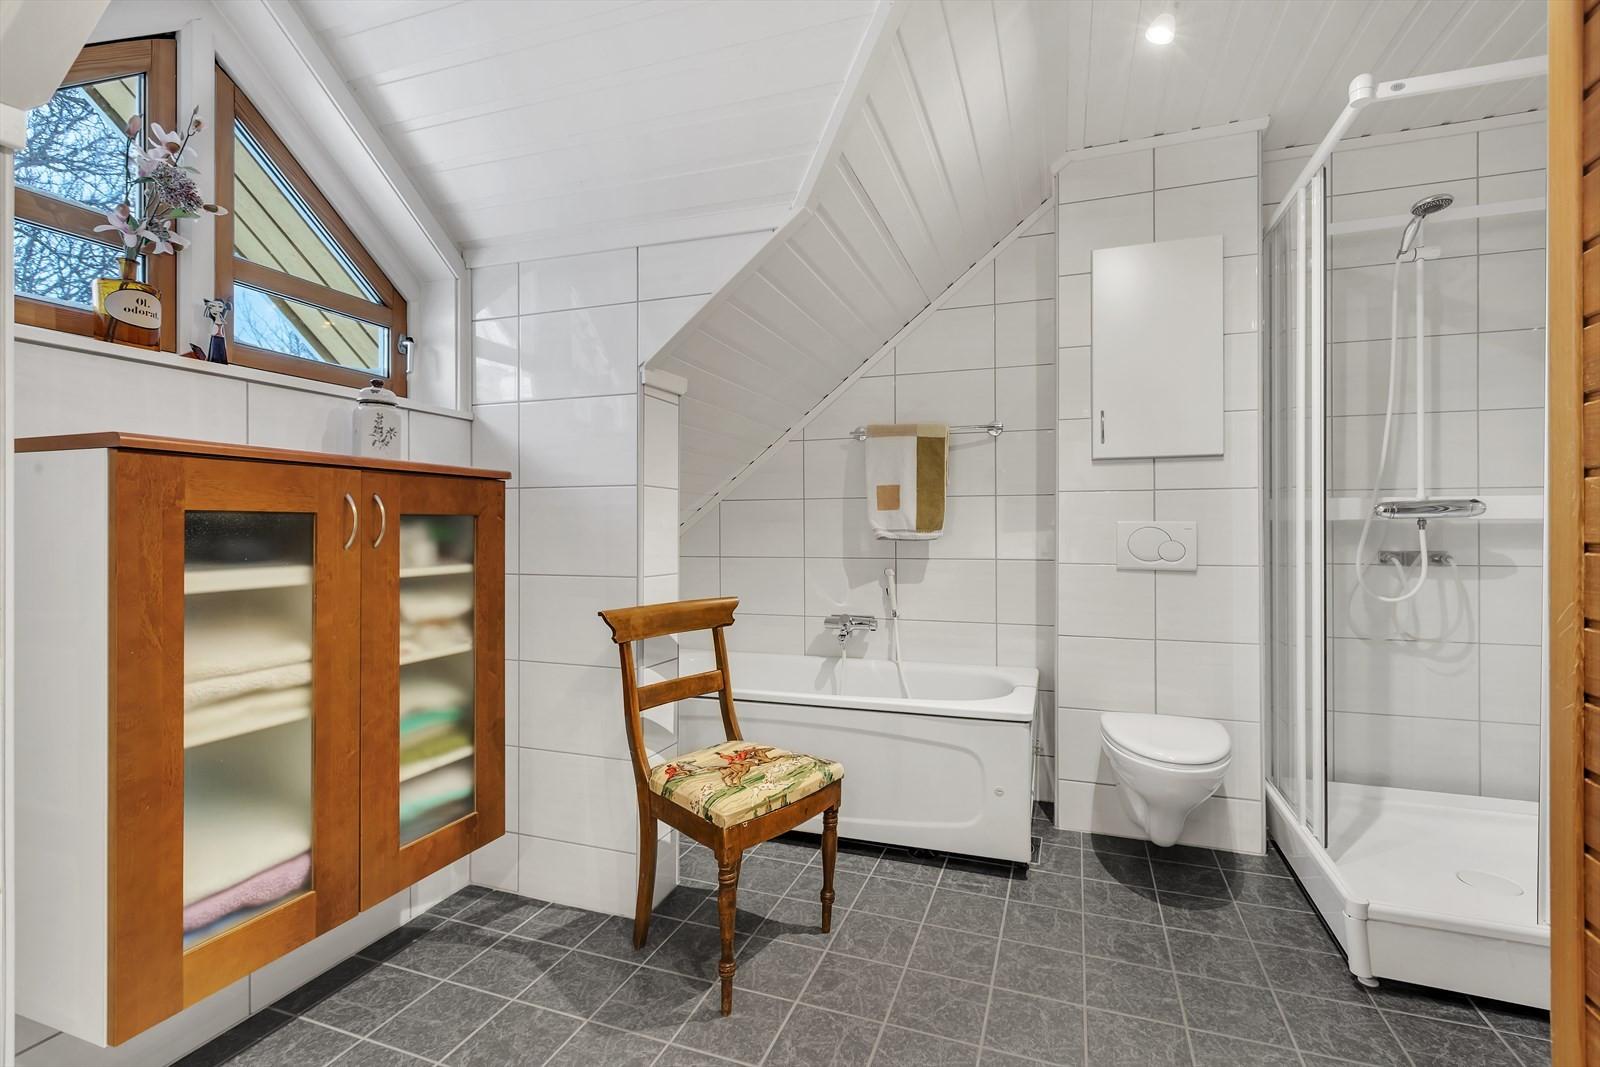 Flislagt bad med badekar og dusjkabinett - vegghengt wc